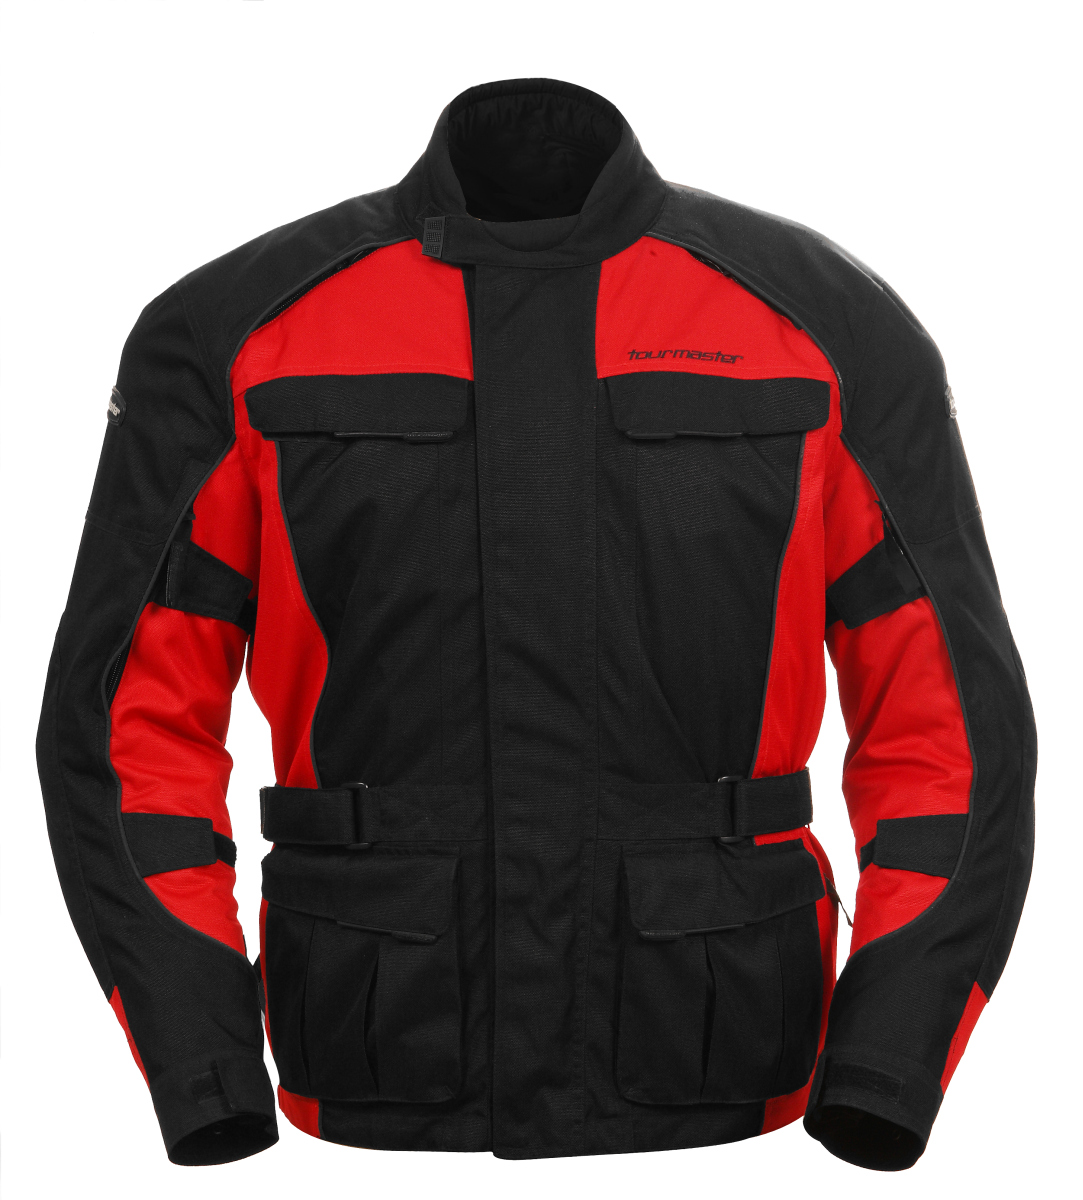 Saber 3 Jacket